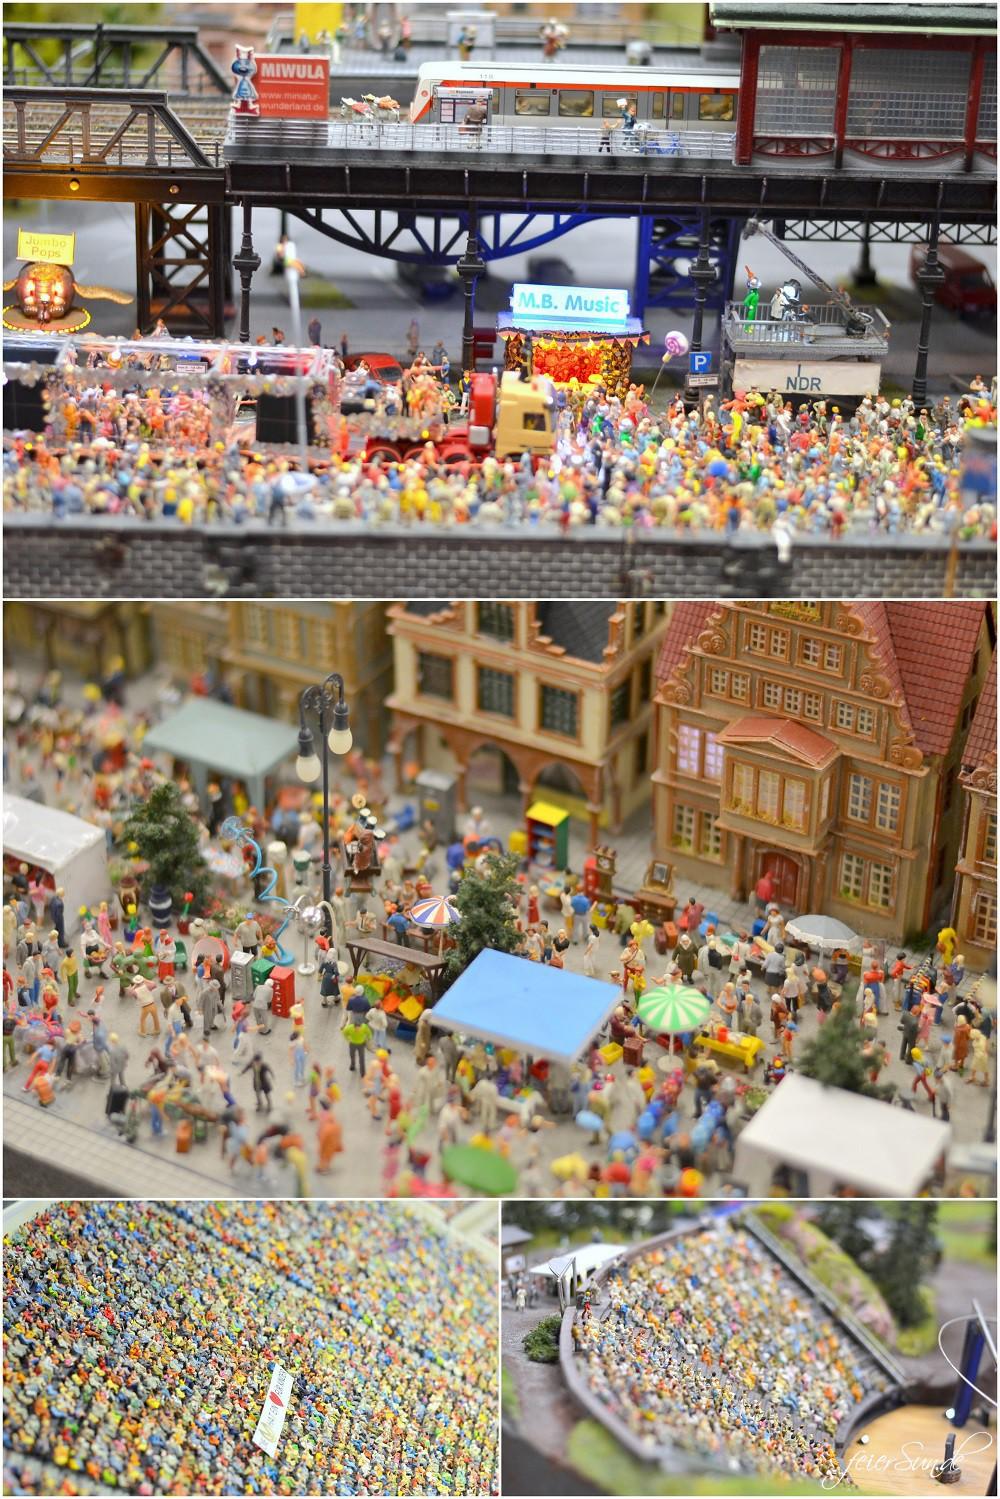 Miniatur Wunderland Kleine grosse-Welt_Grosse-Welt ganz-klein_folge-uns-ins-Modellland-Hamburg-Menschenansammlungen-mit-vielen-tollen-Details